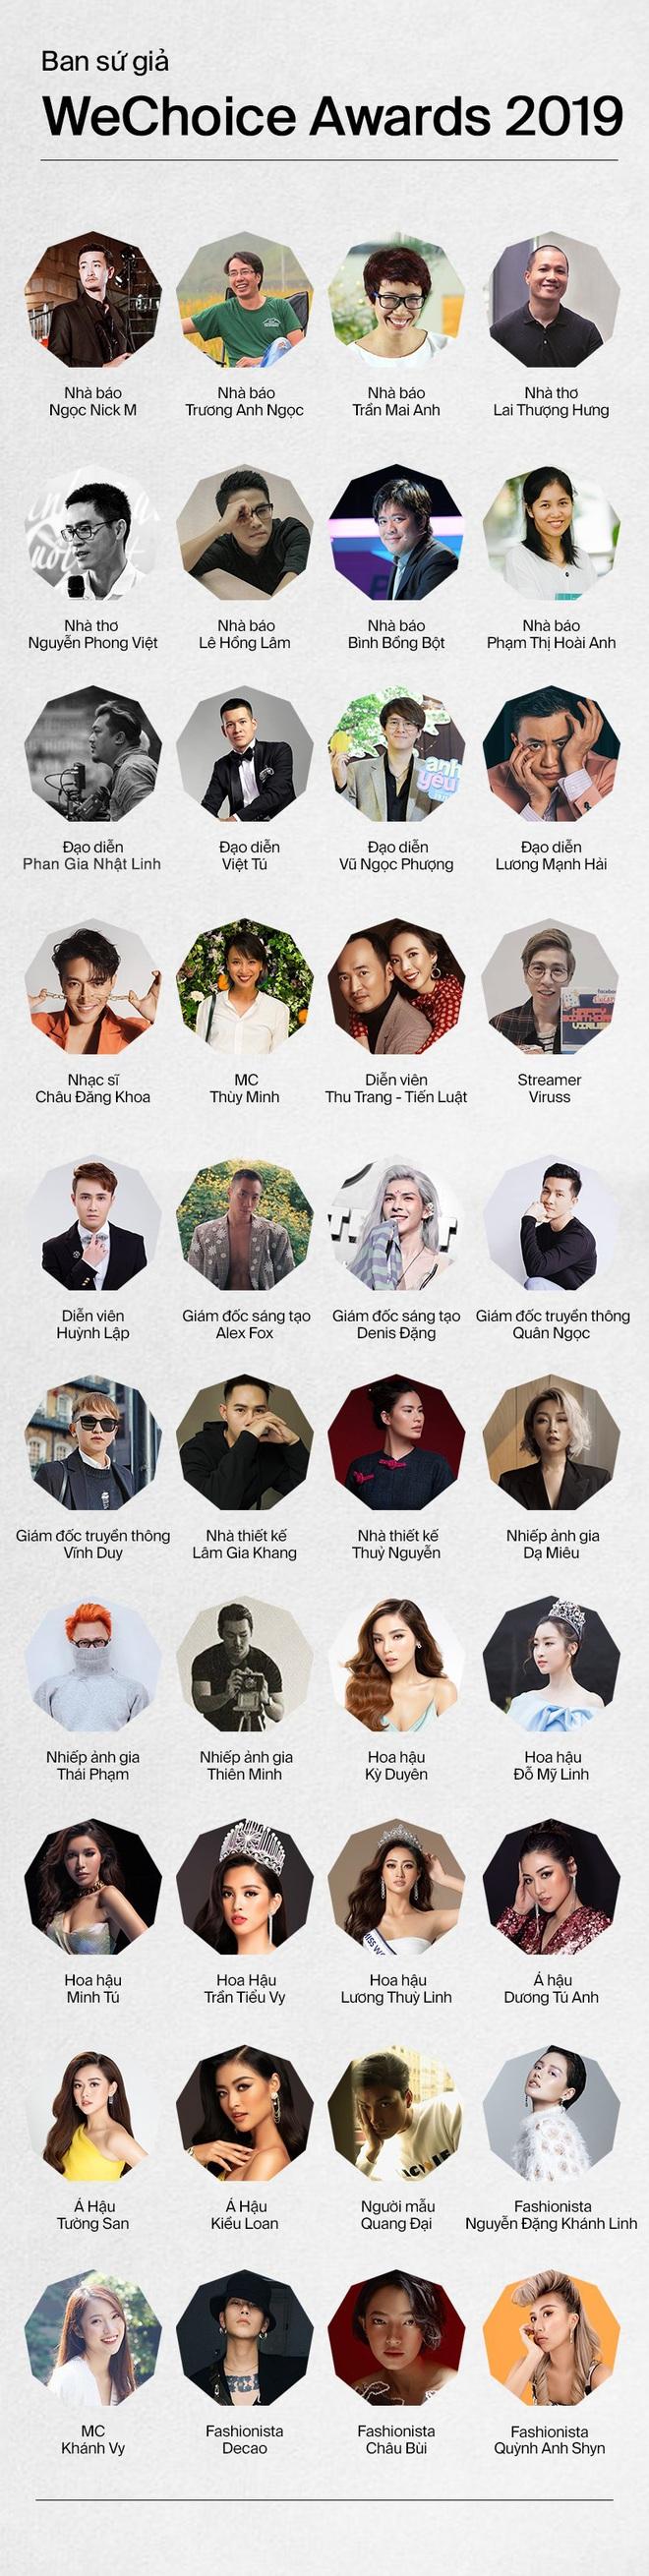 Đến lượt Ban Sứ Giả rủ nhau khoe vé, Gala WeChoice Awards 2019 đang nóng lắm rồi! - Ảnh 1.